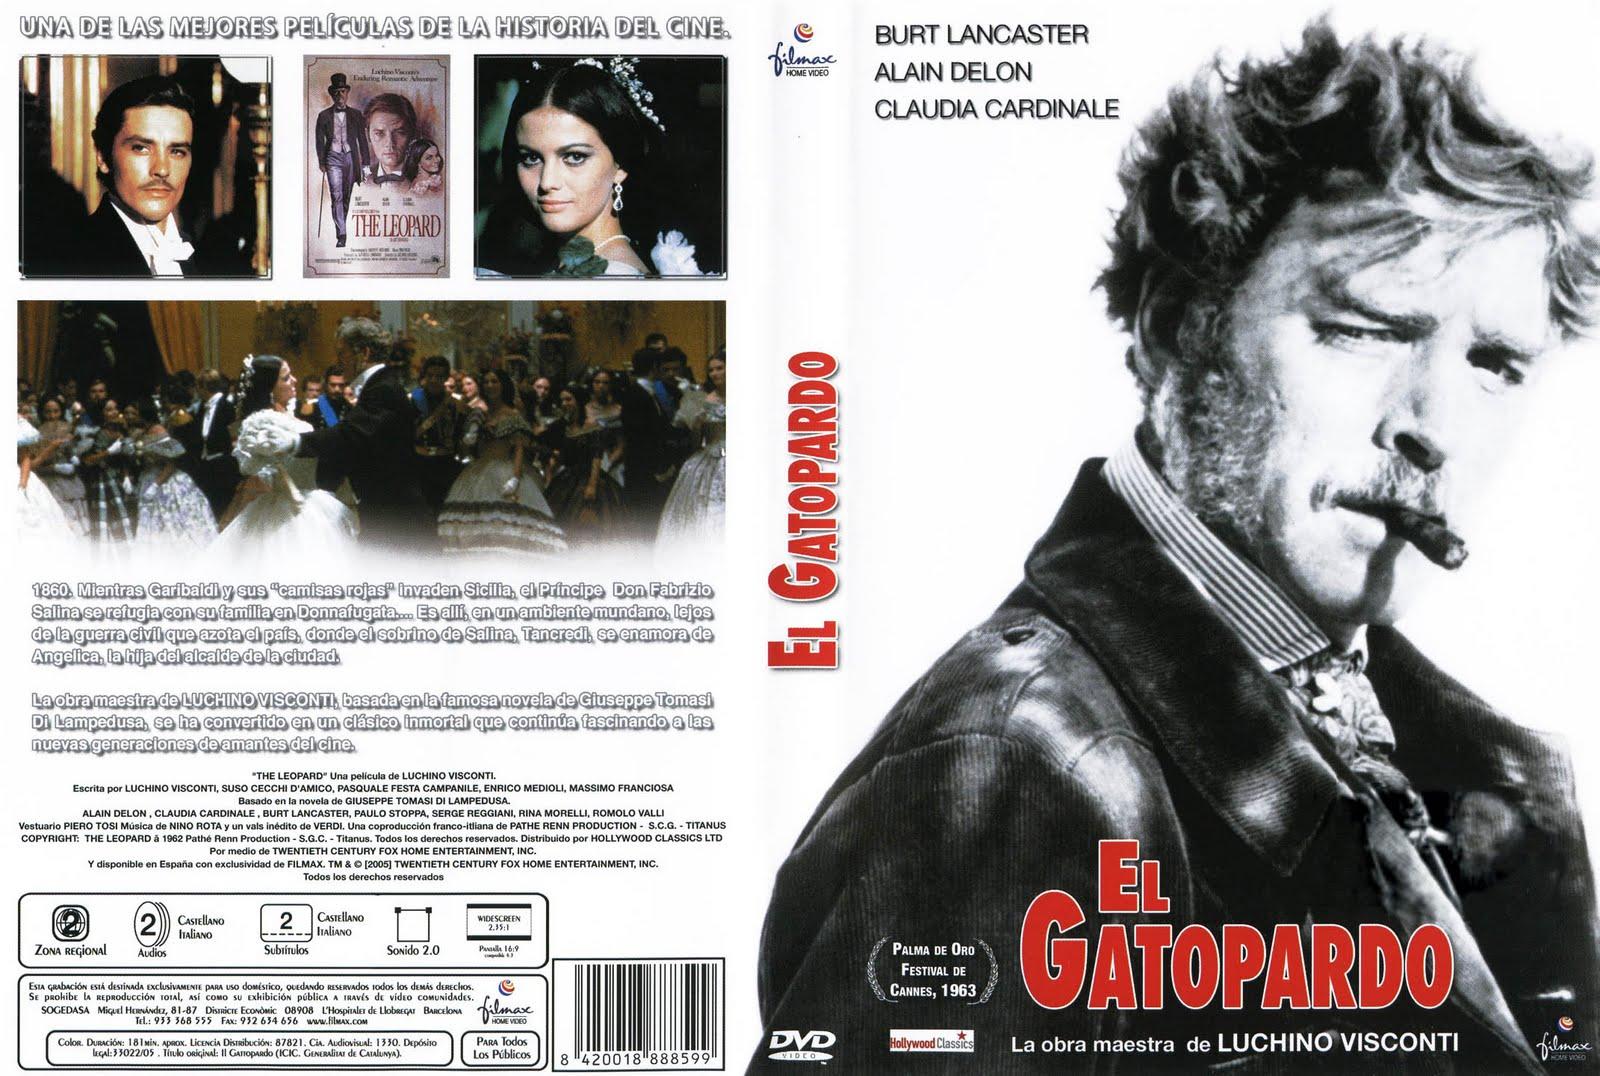 http://2.bp.blogspot.com/-8Jt_OH0c4RM/Ter5UNKfEEI/AAAAAAAAEn4/Yir8sn69u7g/s1600/El_Gatopardo-Caratula.jpg